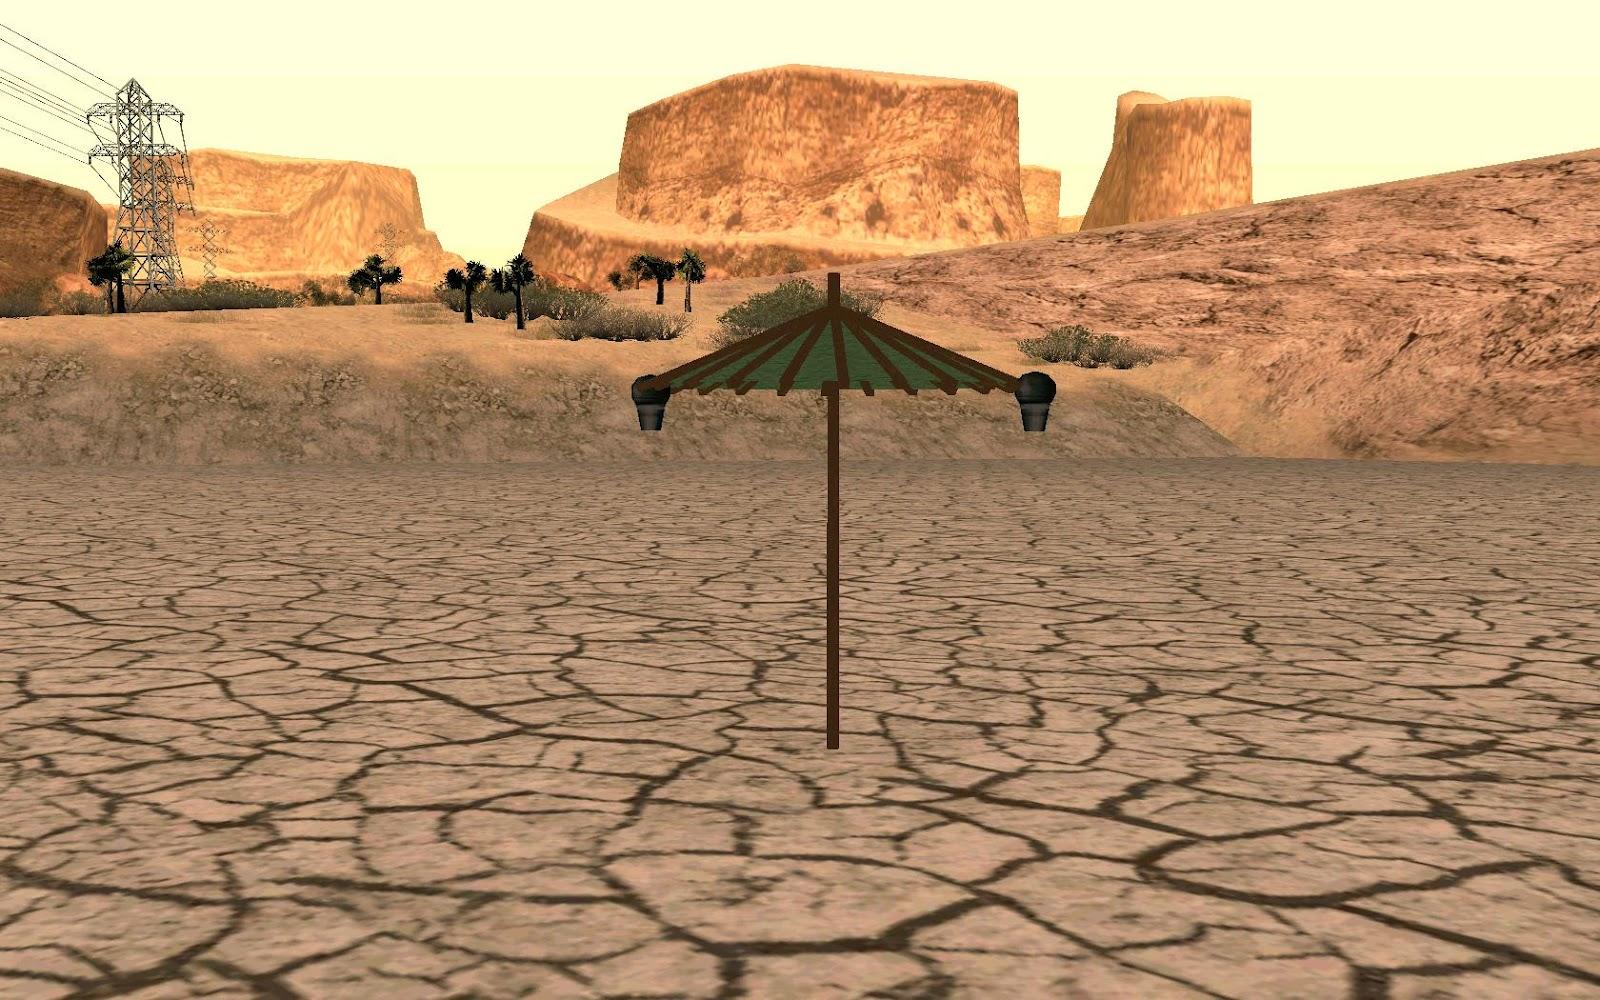 http://3.bp.blogspot.com/-vO563qpw_x4/UAxZDzft_PI/AAAAAAAACpU/OAsCTFEzy-k/s1600/gallery613.jpg